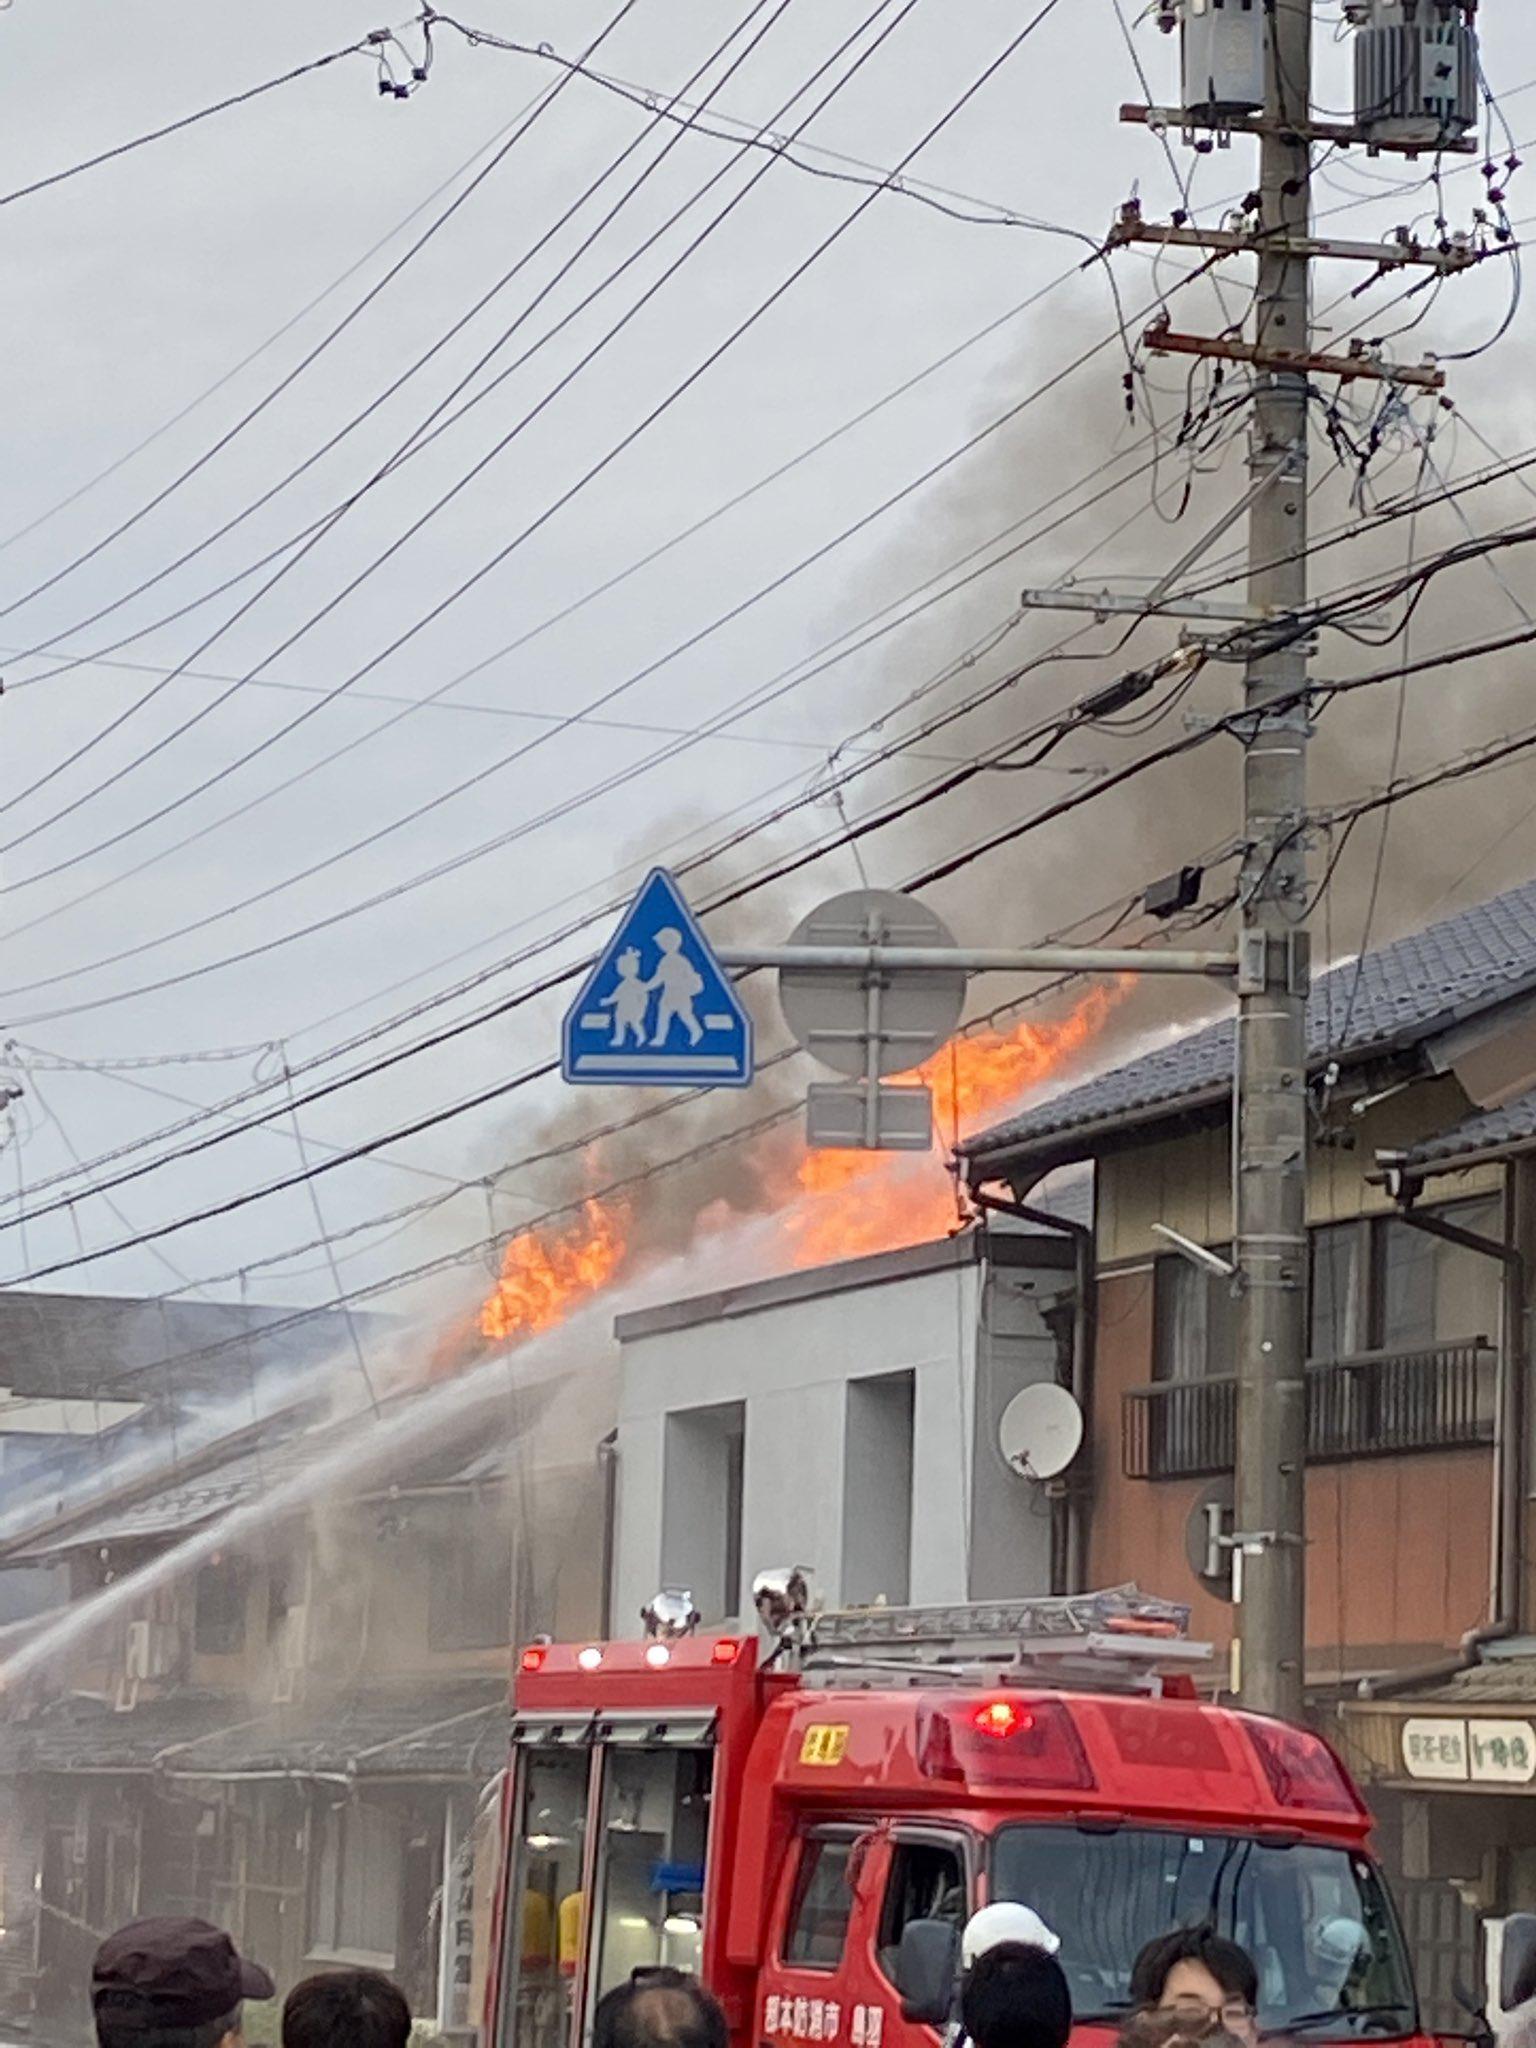 羽島市で民家が炎上している火災現場の画像